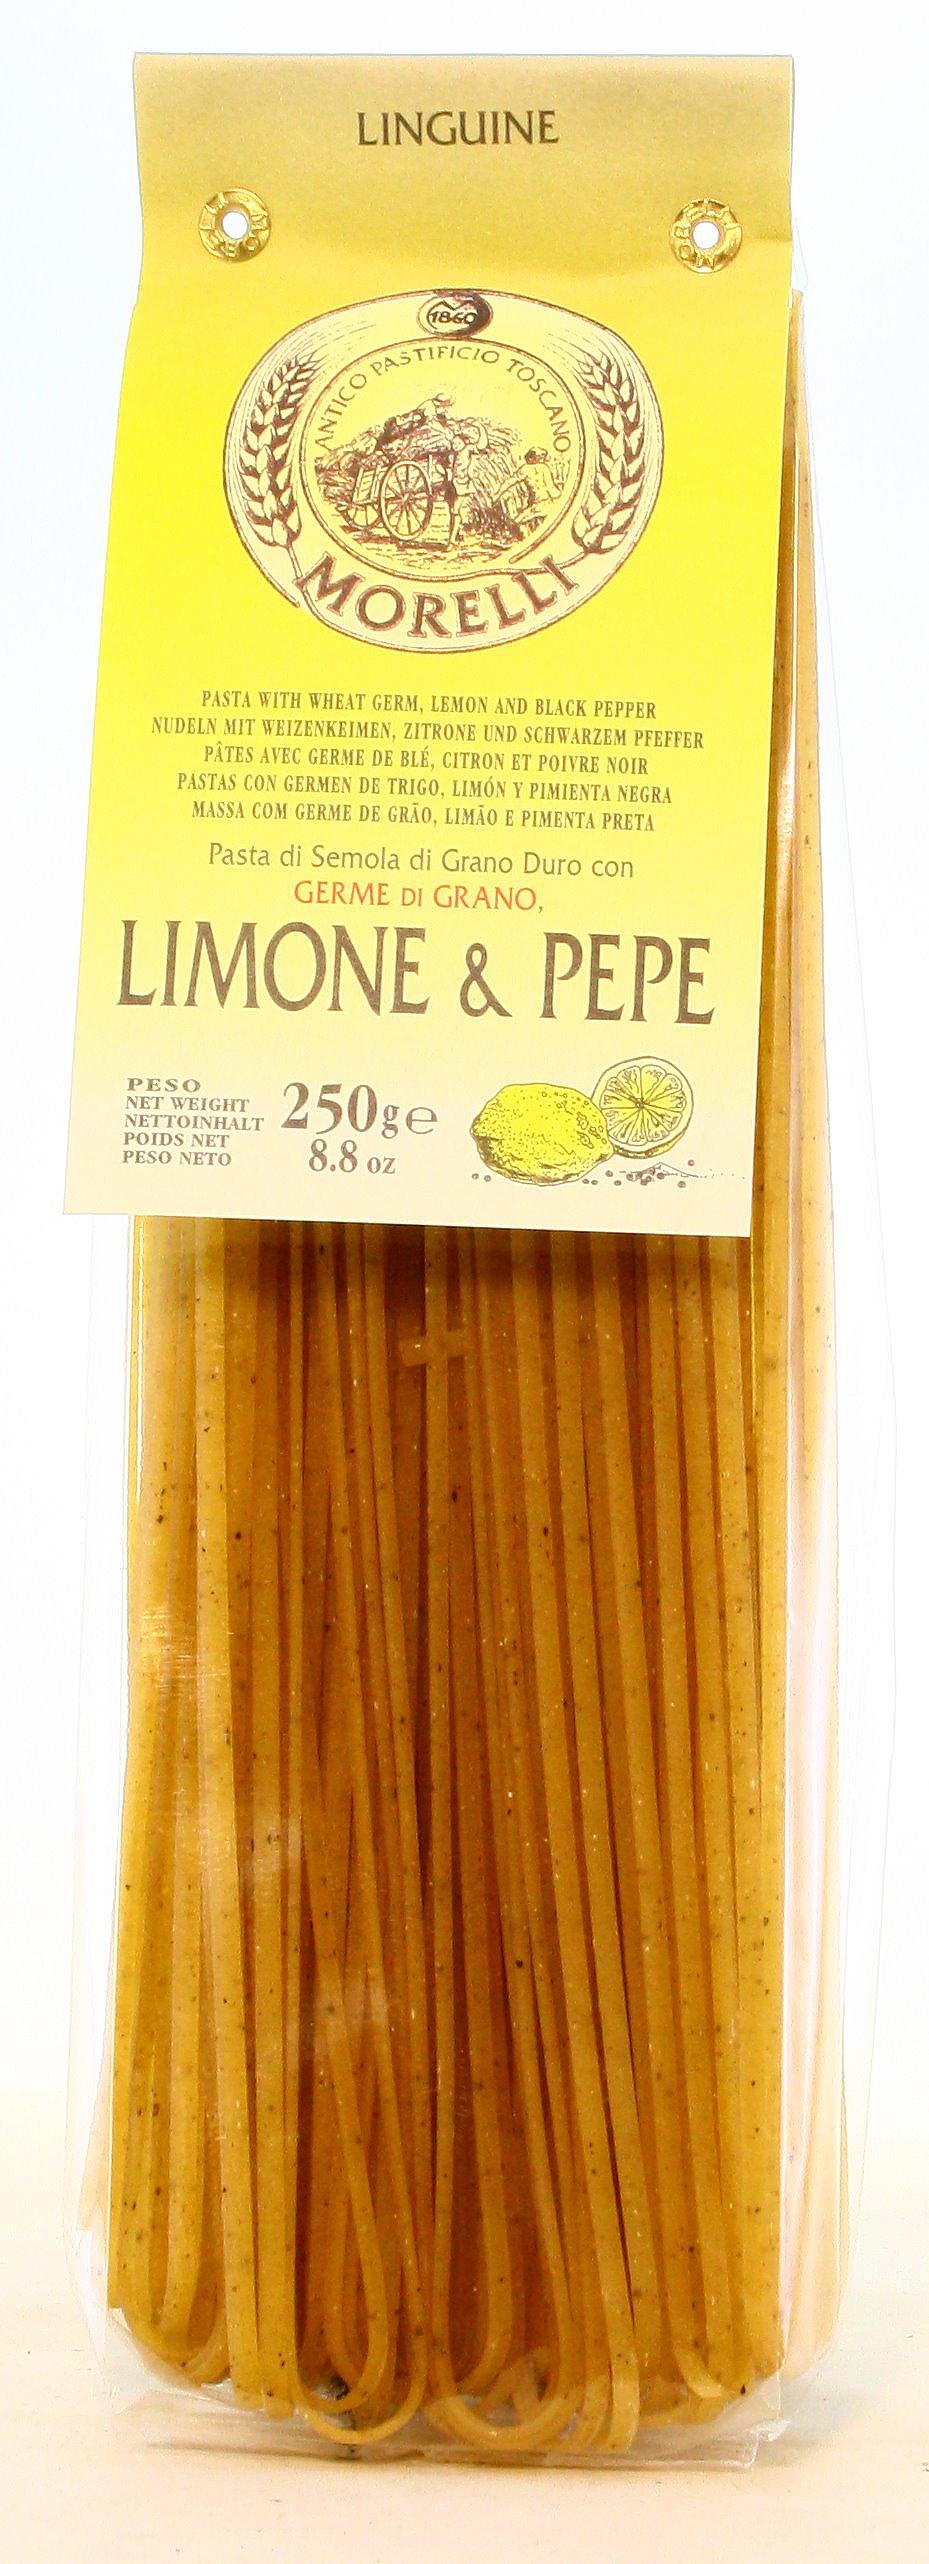 Linguine mit Limone und Pfeffer - Nudeln